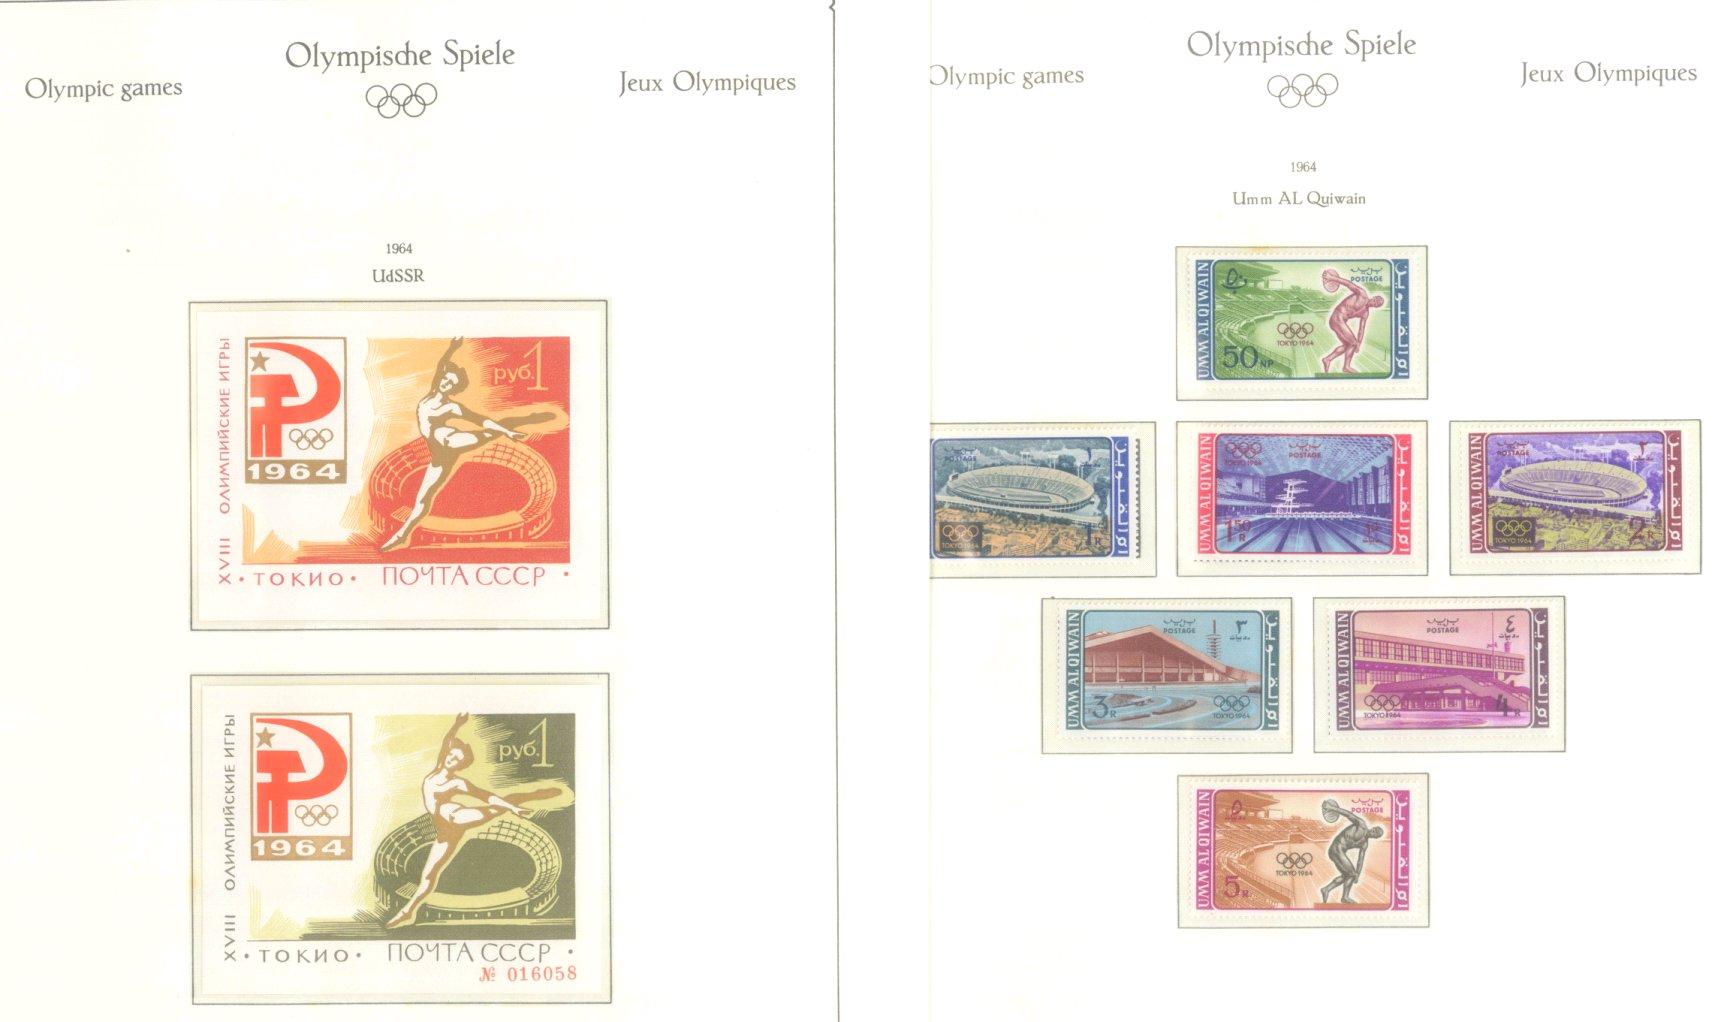 OLYMPISCHE SPIELE 1964 TOKIO, postfrische Sammlung Teil 2-45